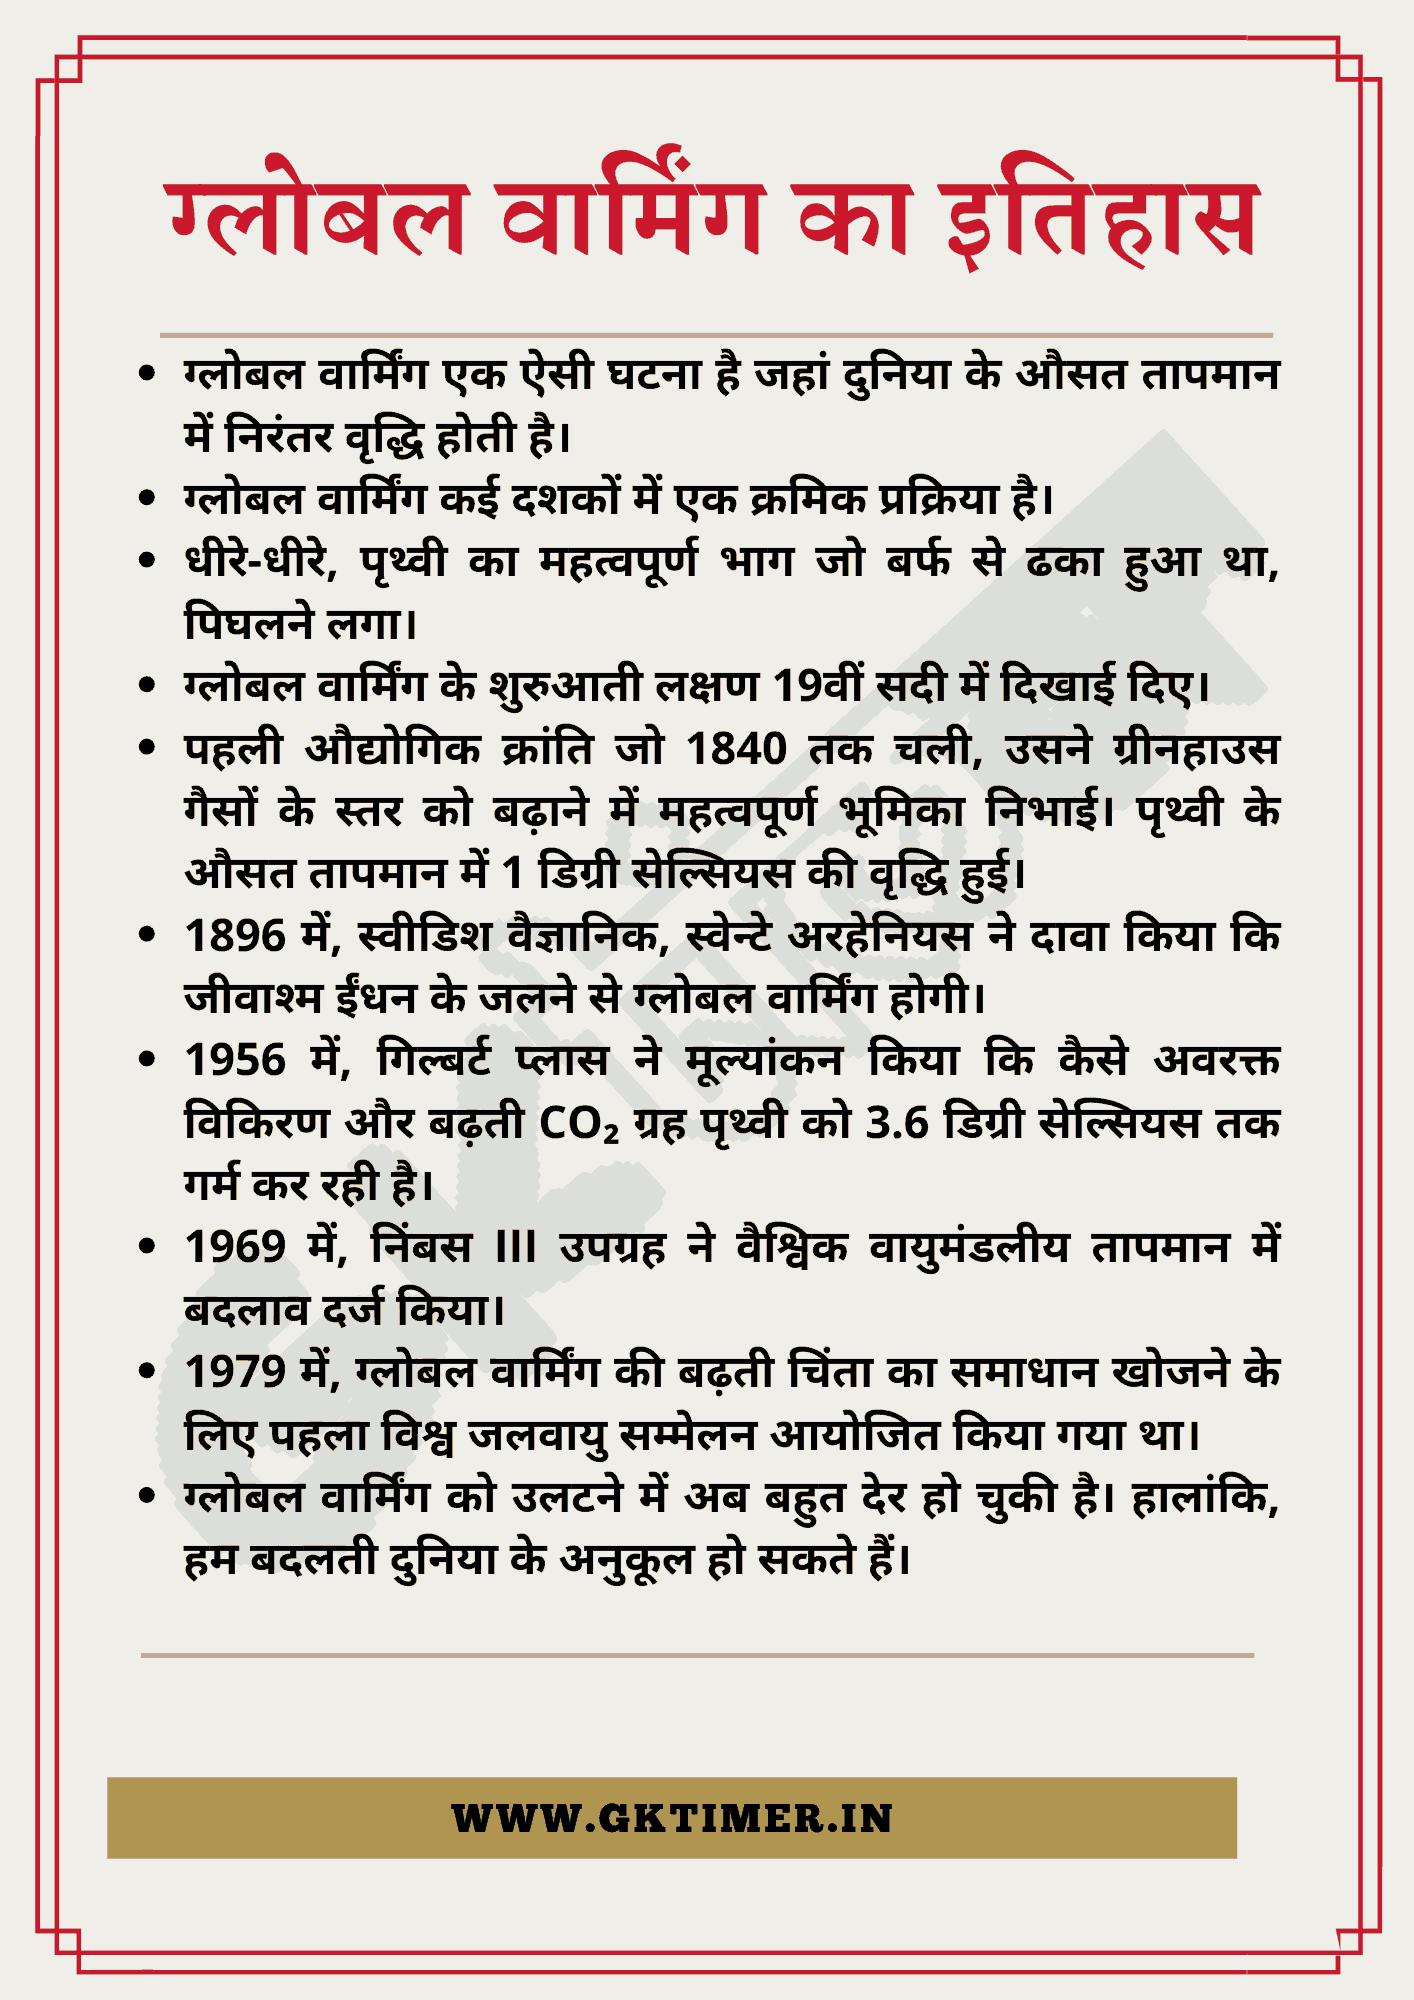 ग्लोबल वार्मिंग के इतिहास पर निबंध | Essay on History of Global Warming in Hindi | 10 Lines on History of Global Warming in Hindi